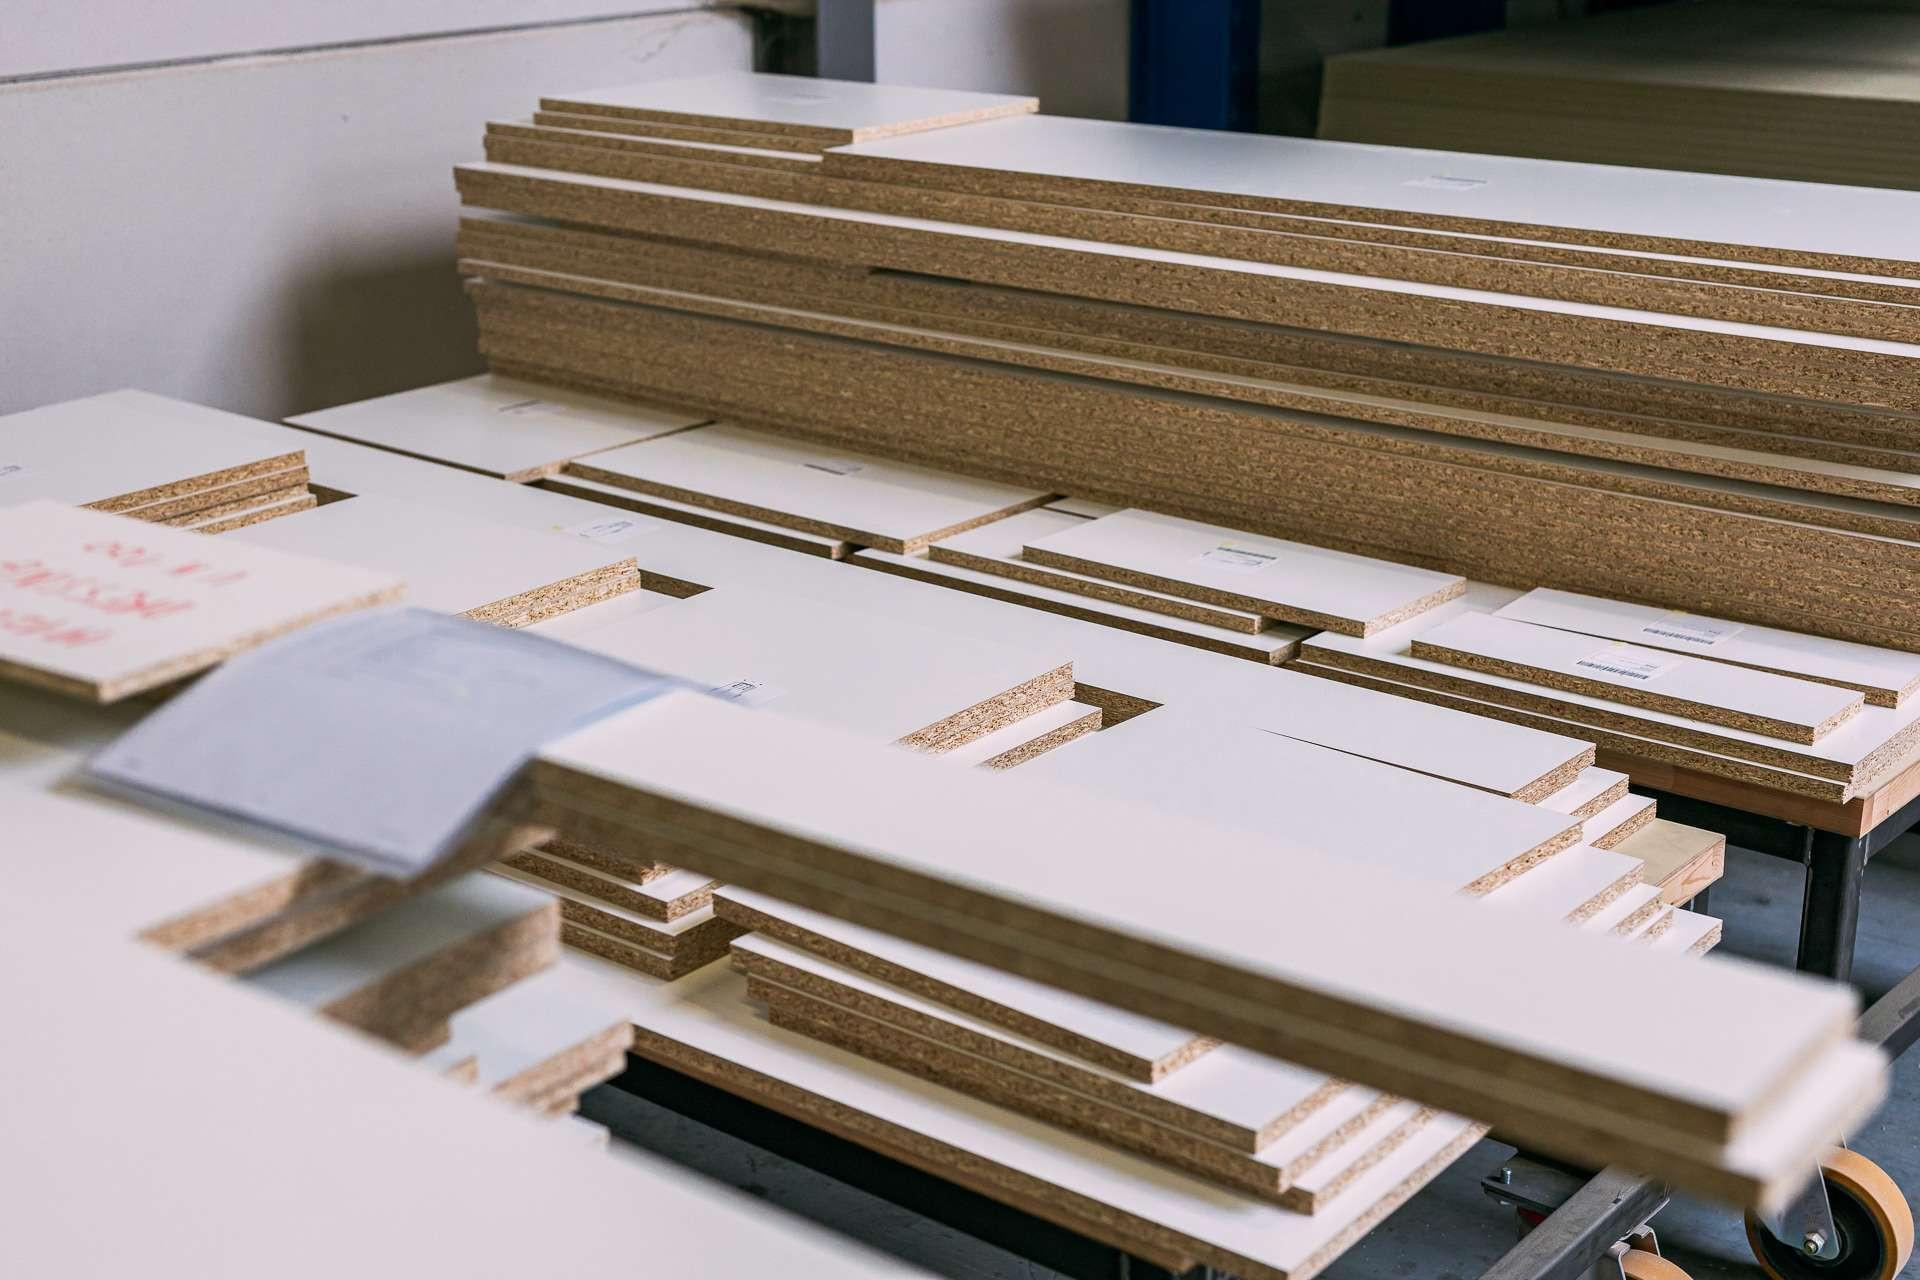 ATA Interieur - Productie - Flat packs klaar voor pick-up